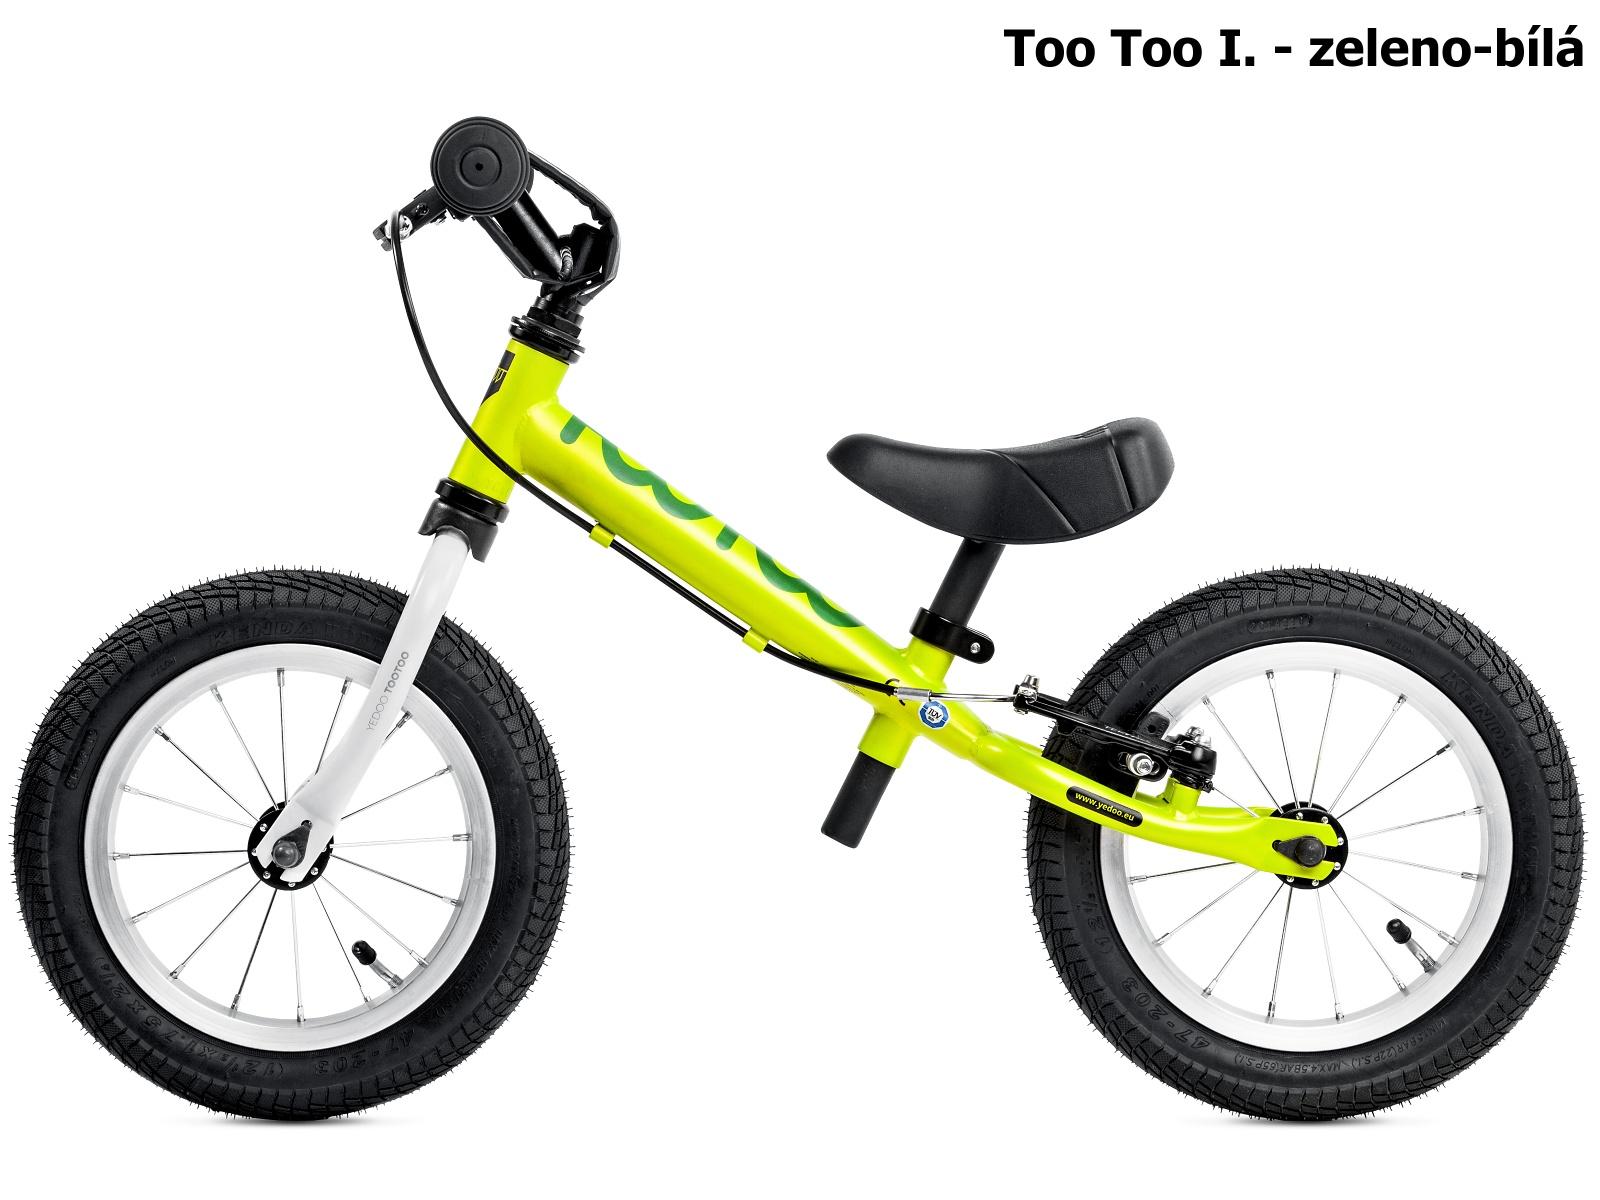 Dětské odrážedlo YEDOO Too Too I. - zeleno-bílé